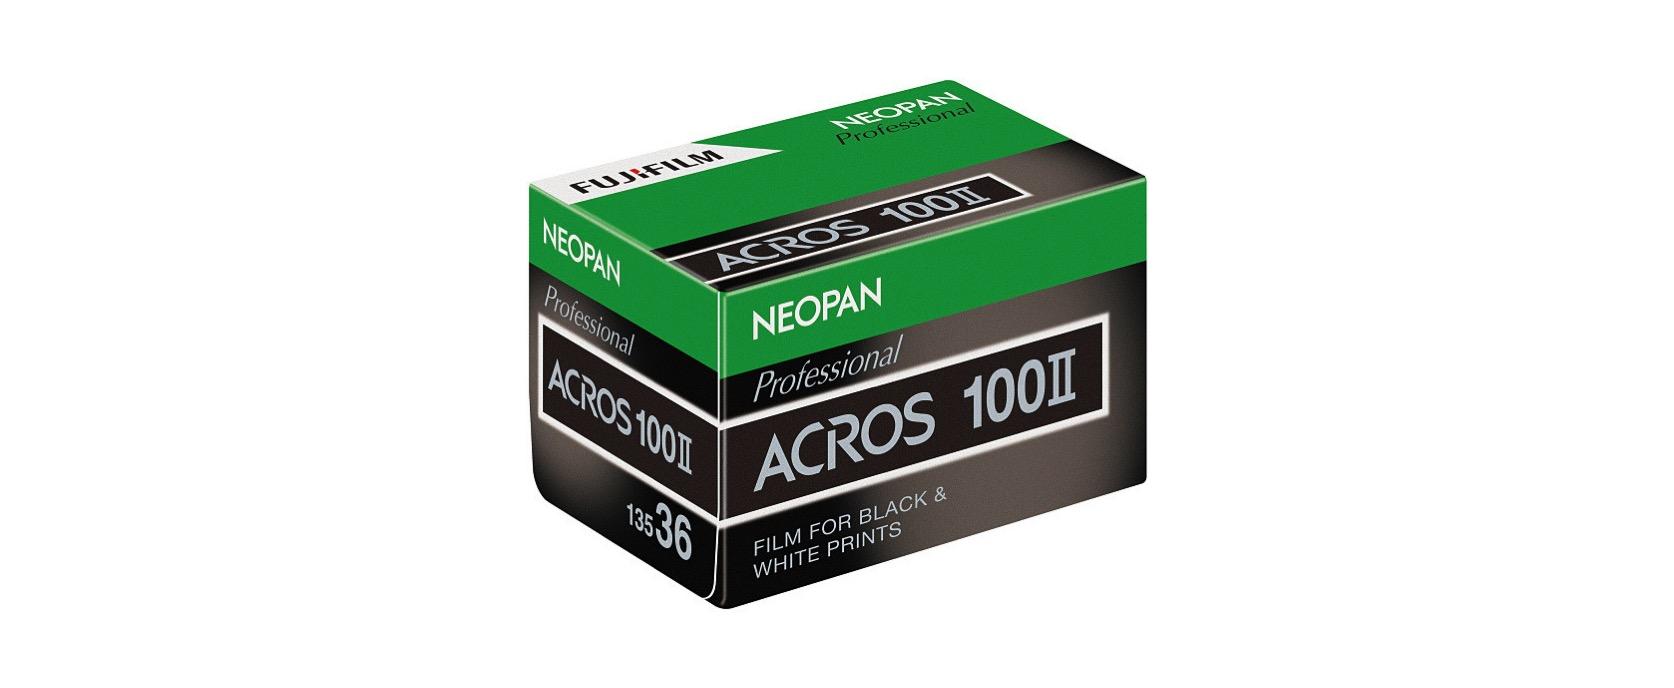 ネオパン 100 ACROS II